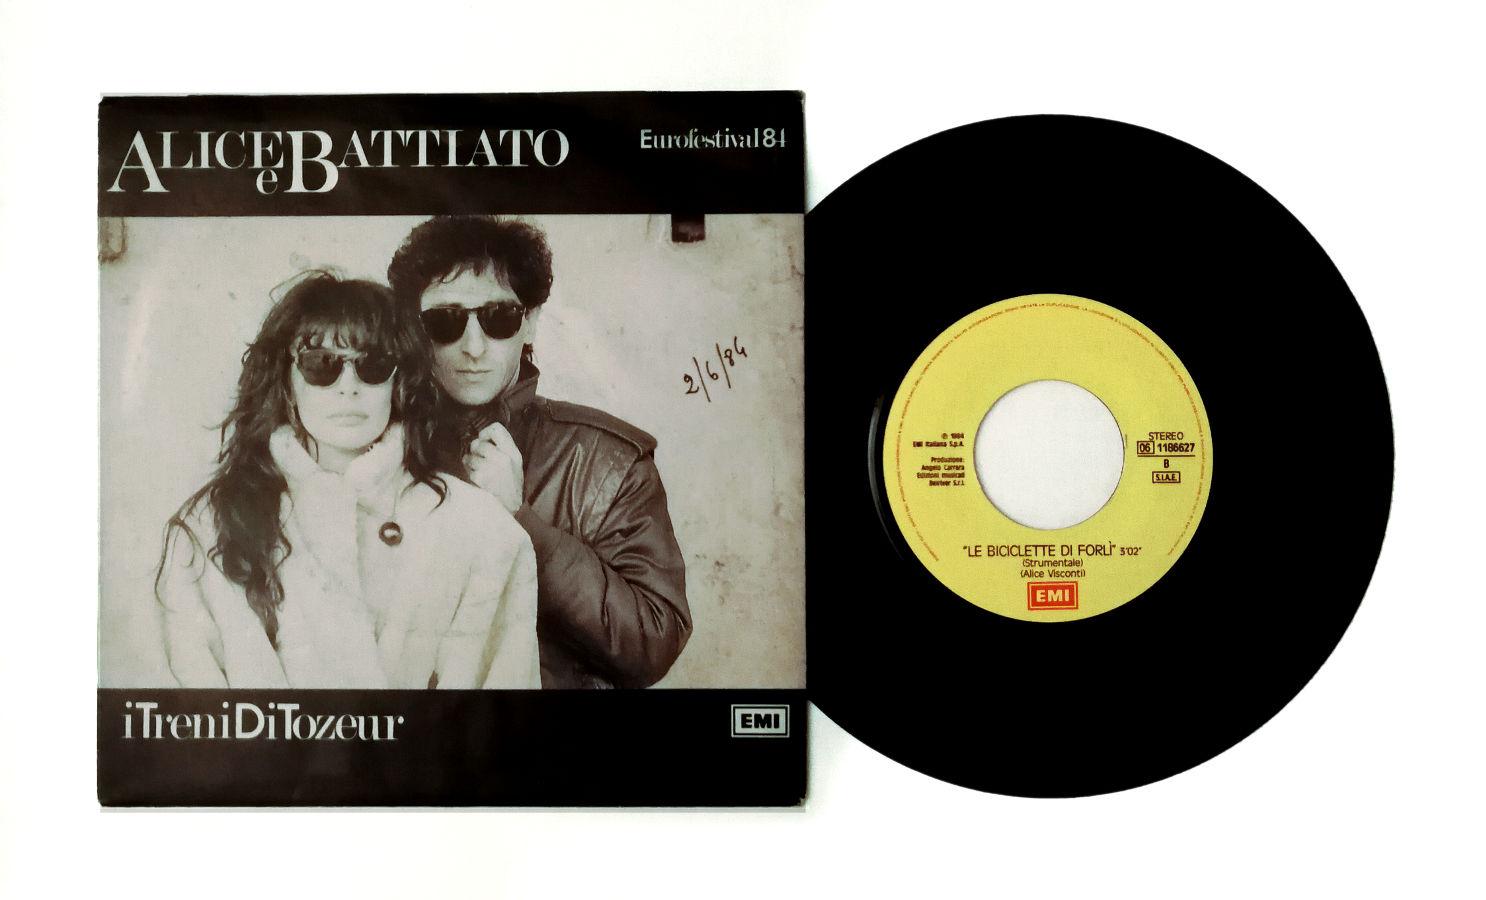 """""""Le Biciclette di Forlì"""". Retro del 45 giri di Alice e Battiato I Treni di Tozeur. 1984."""